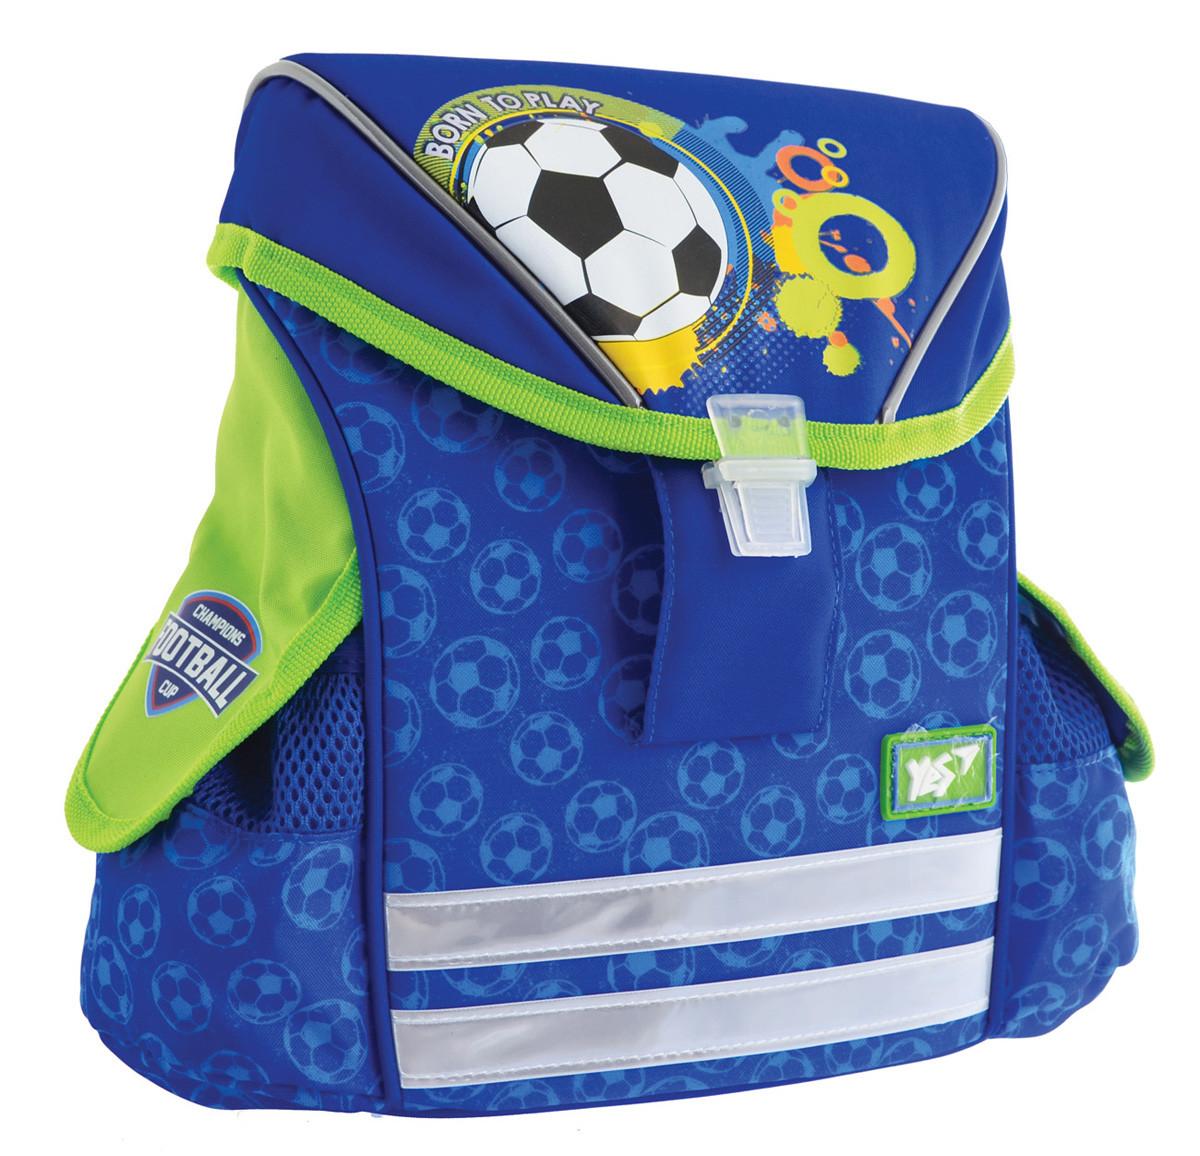 Рюкзак детский дошкольный ортопедический каркасный YES K-27 Born To Play код: 556529